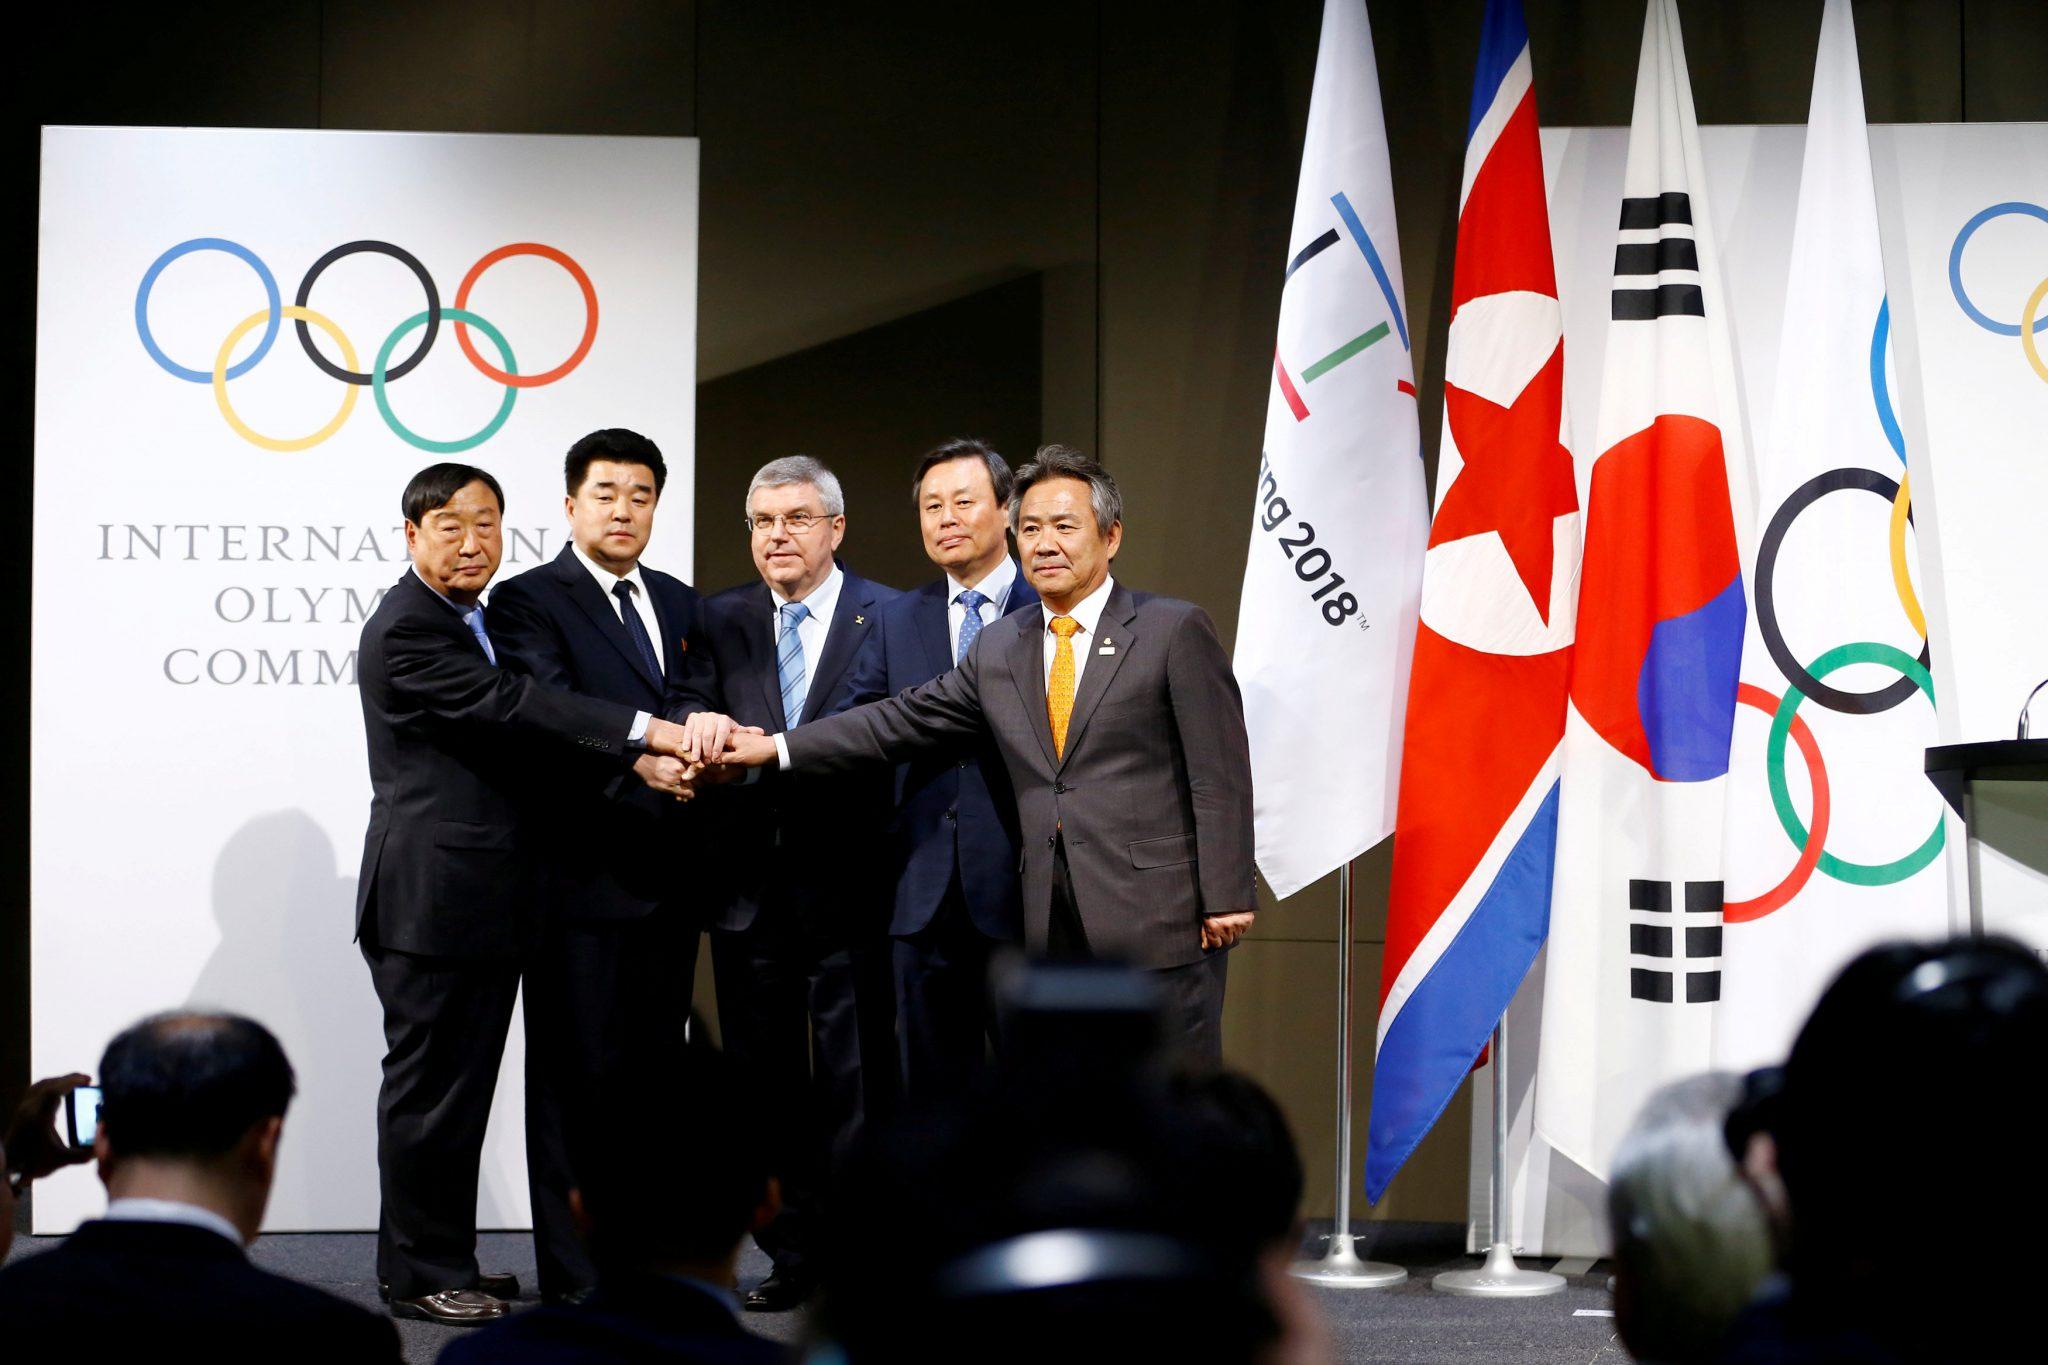 Corea del Sur designa a Seúl para acoger con Corea del Norte los JJOO de 2032